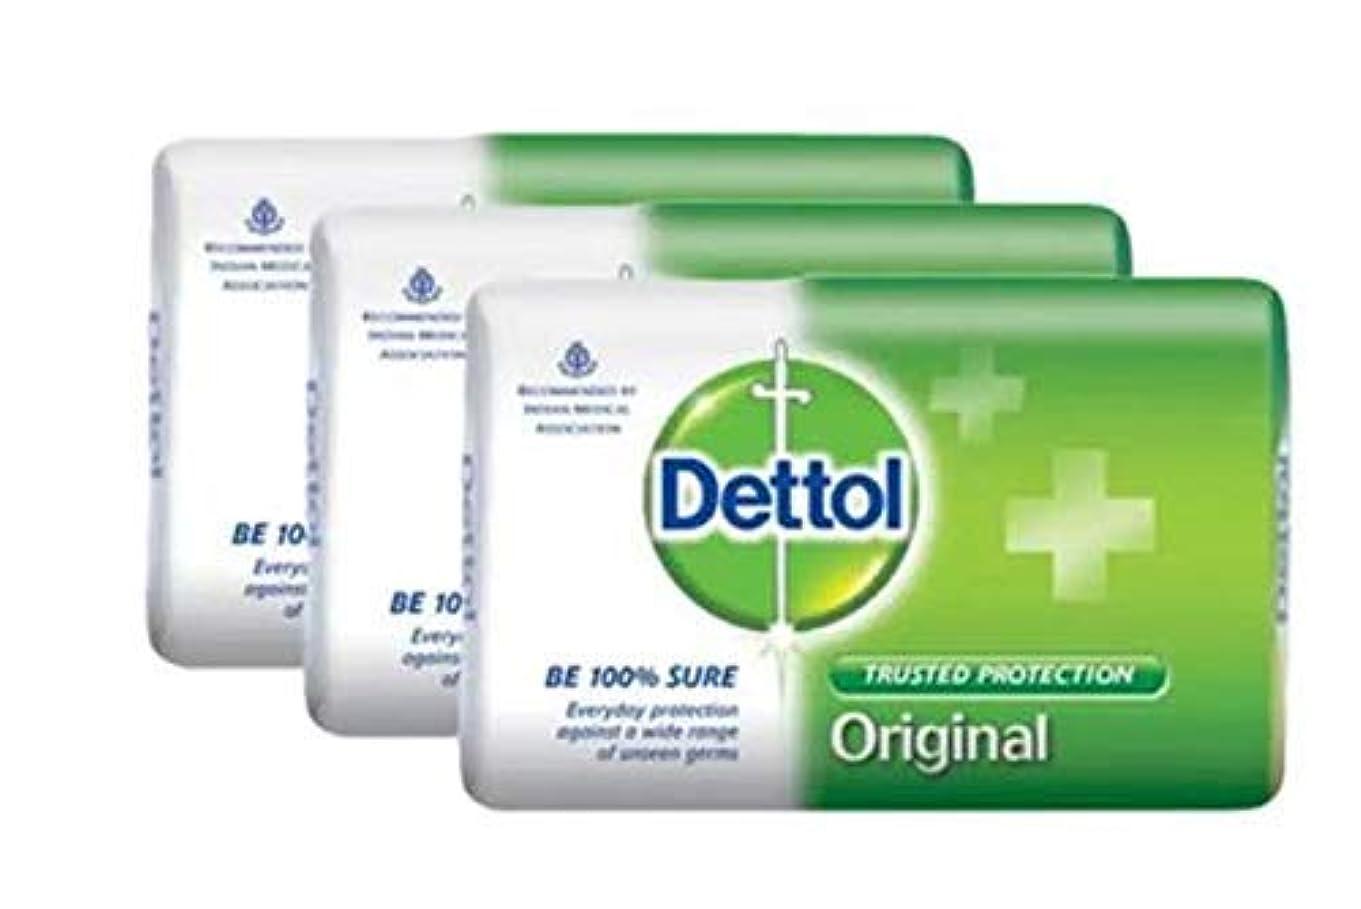 不健全素敵な税金Dettol 固形石鹸オリジナル4x105g-は、信頼Dettol保護から目に見えない細菌の広い範囲を提供しています。これは、皮膚の衛生と清潔を浄化し、保護します